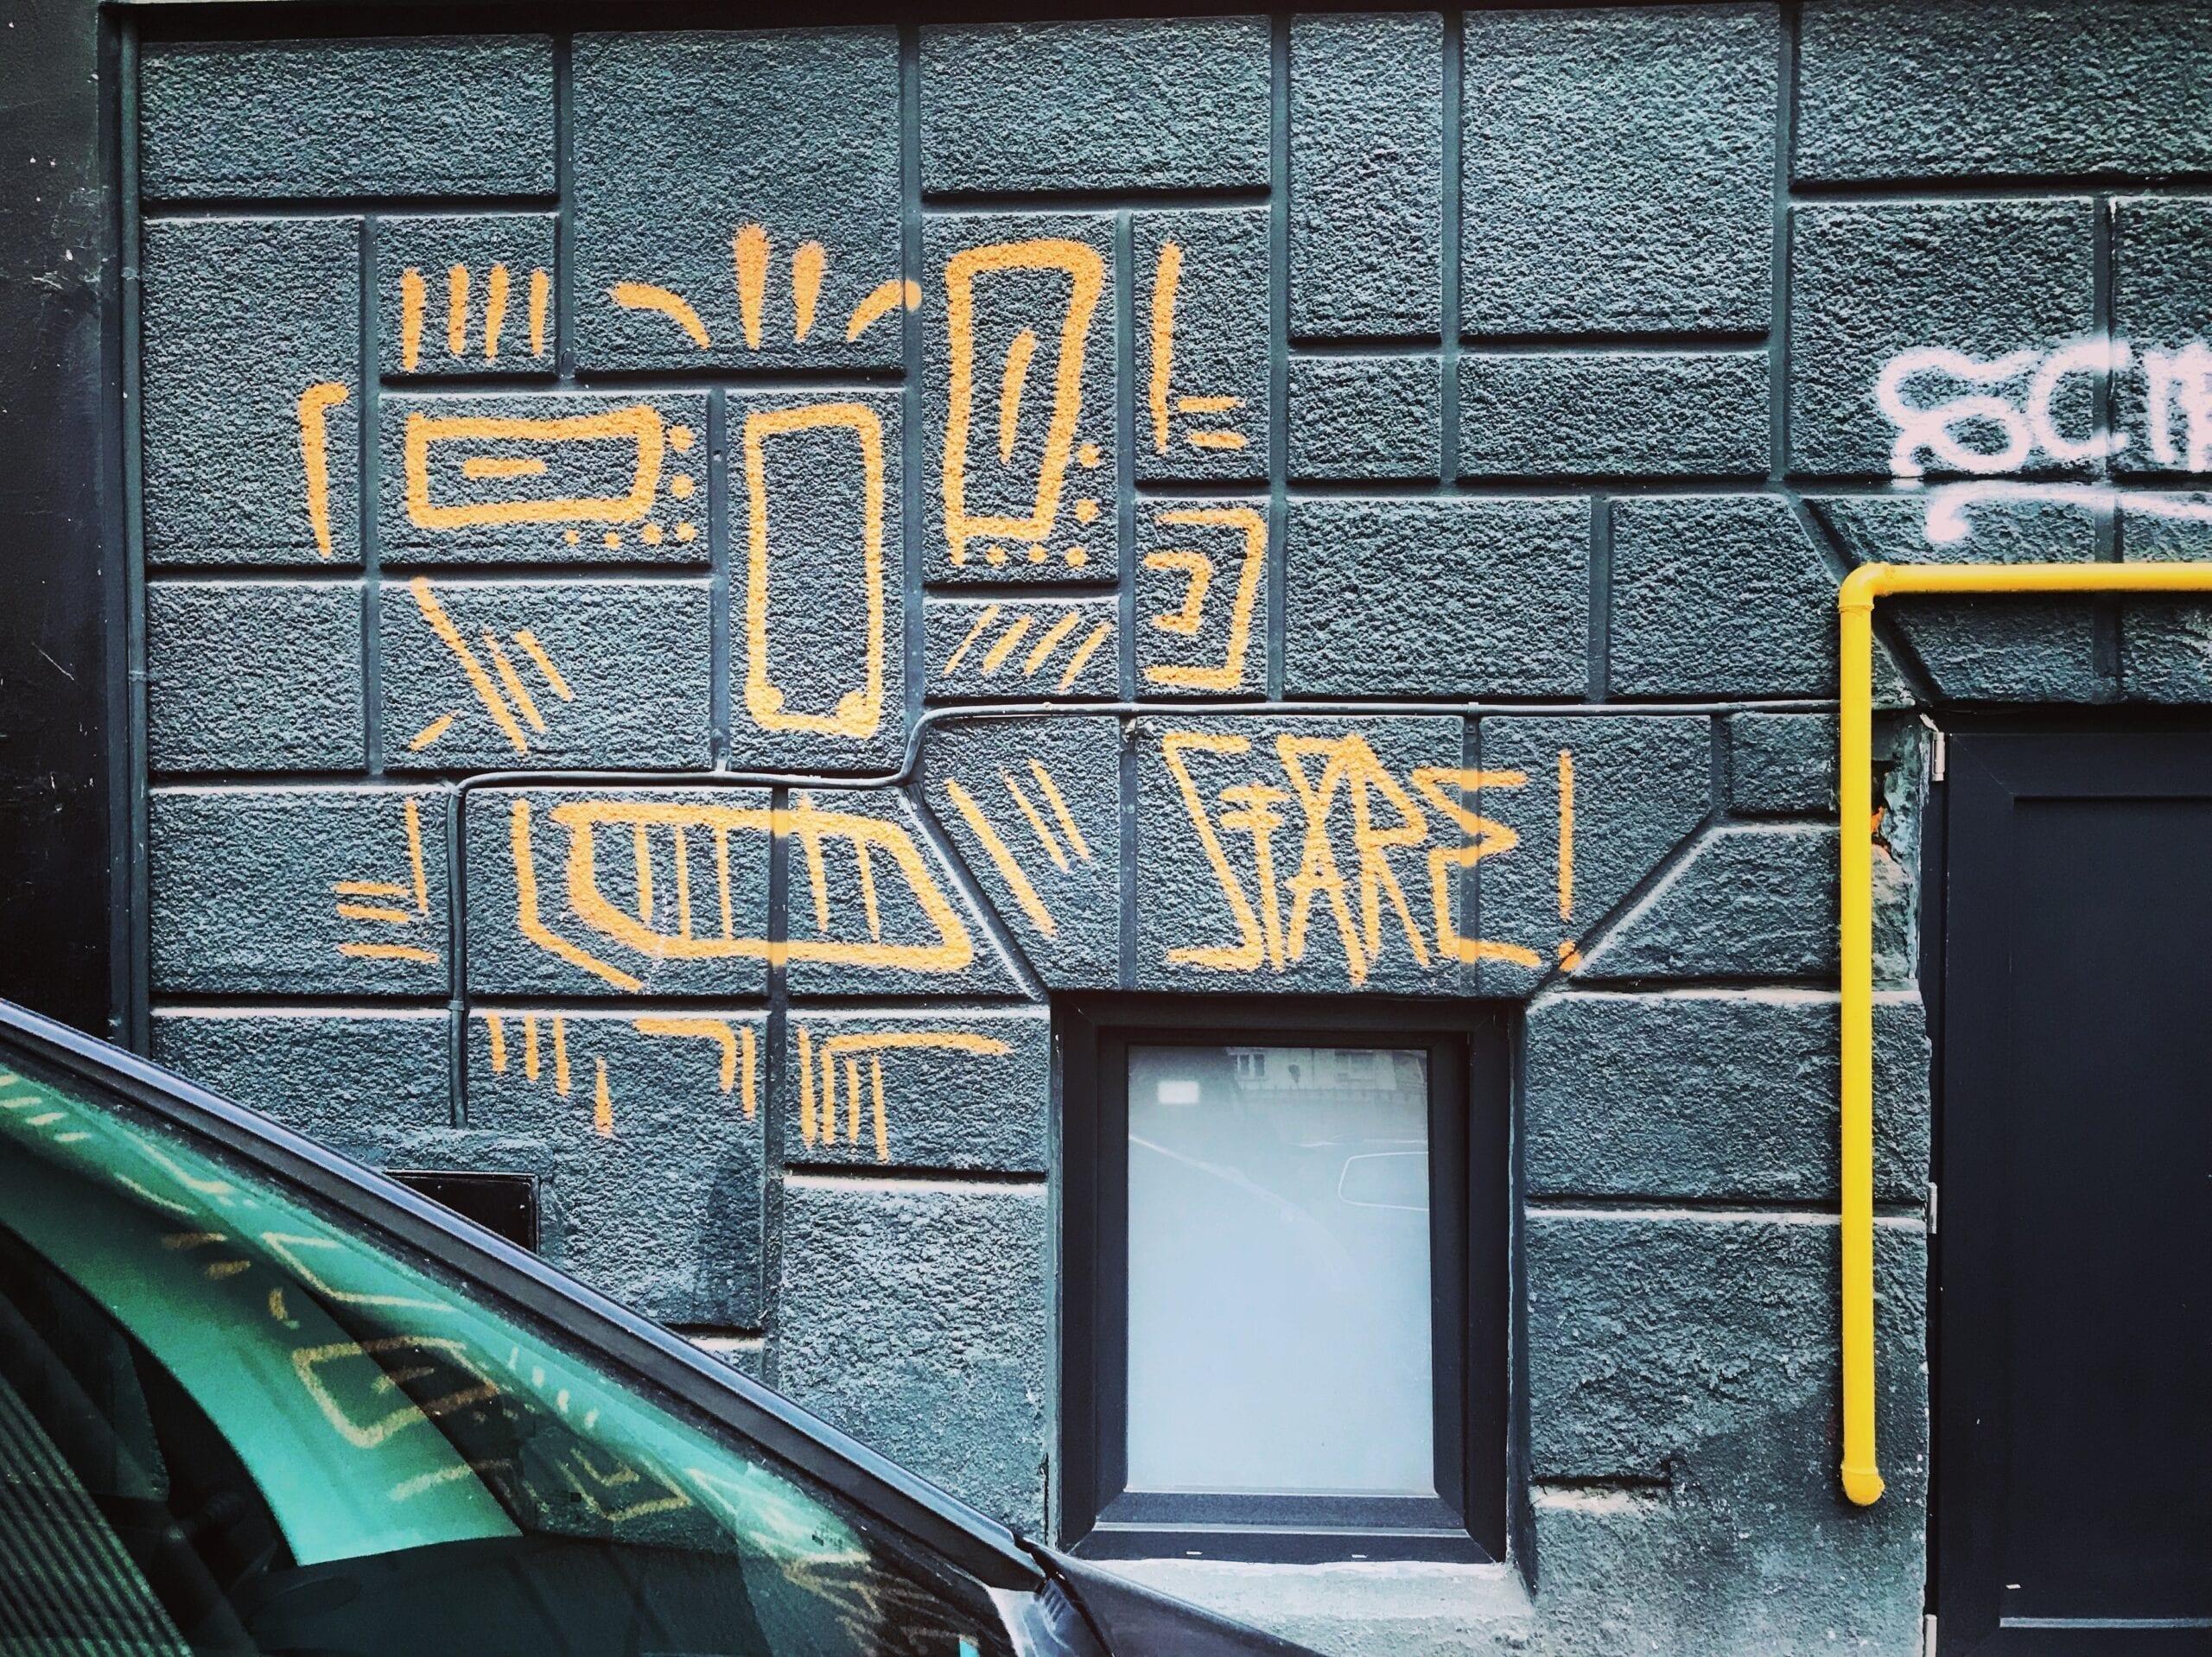 Interviu cu Maria Duda - Artă urbană